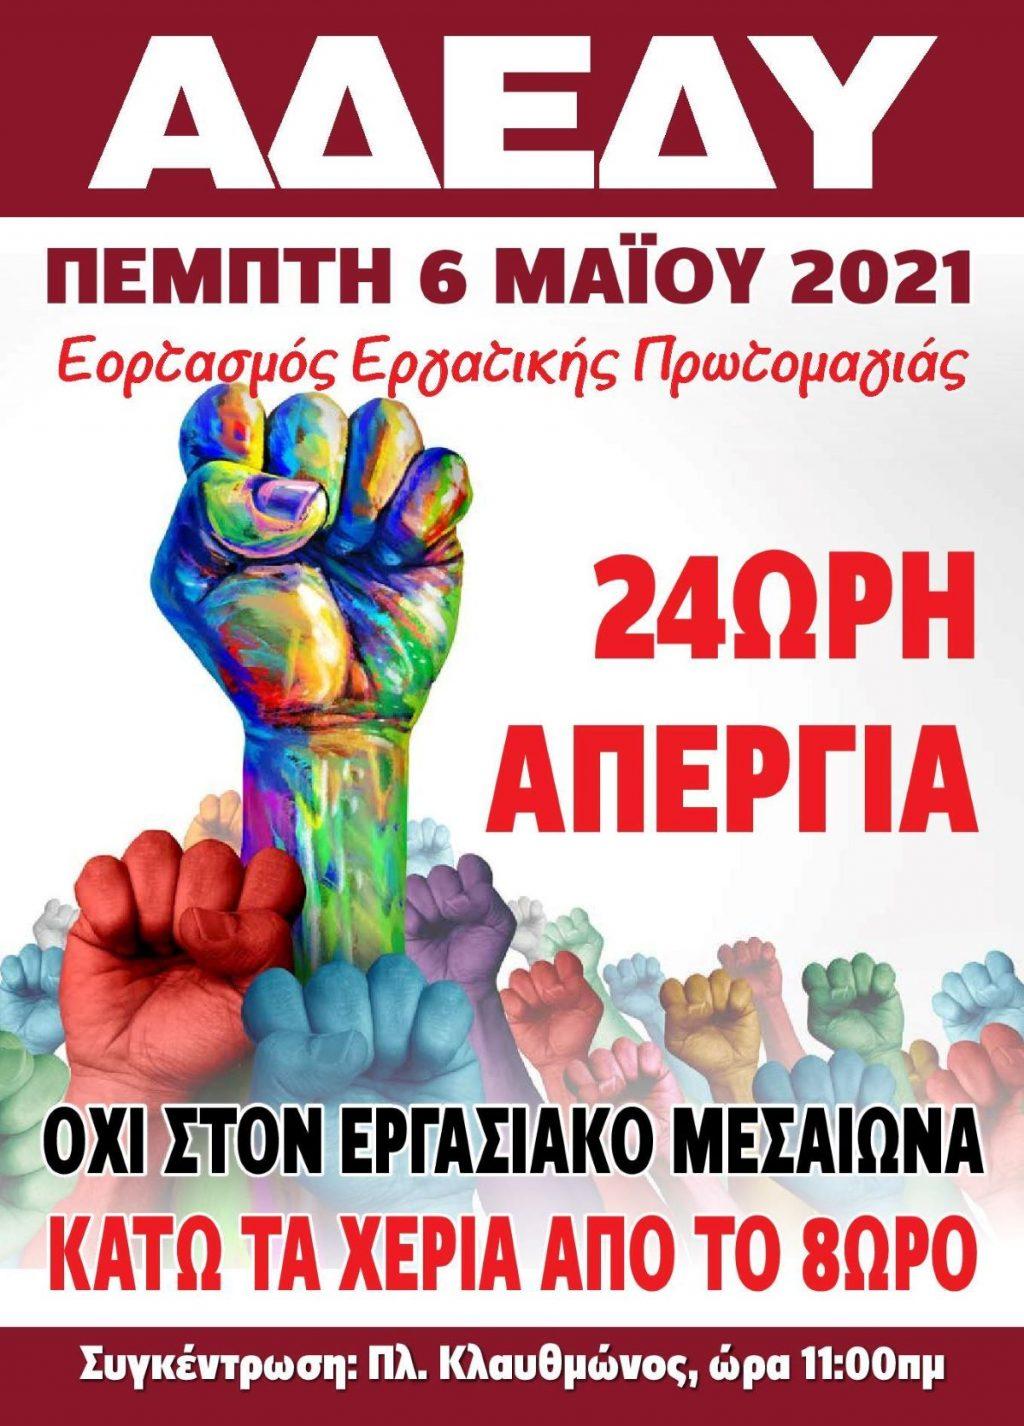 Αφίσα-Ανακοίνωση-Πρωτομαγιά-page-001 (1)